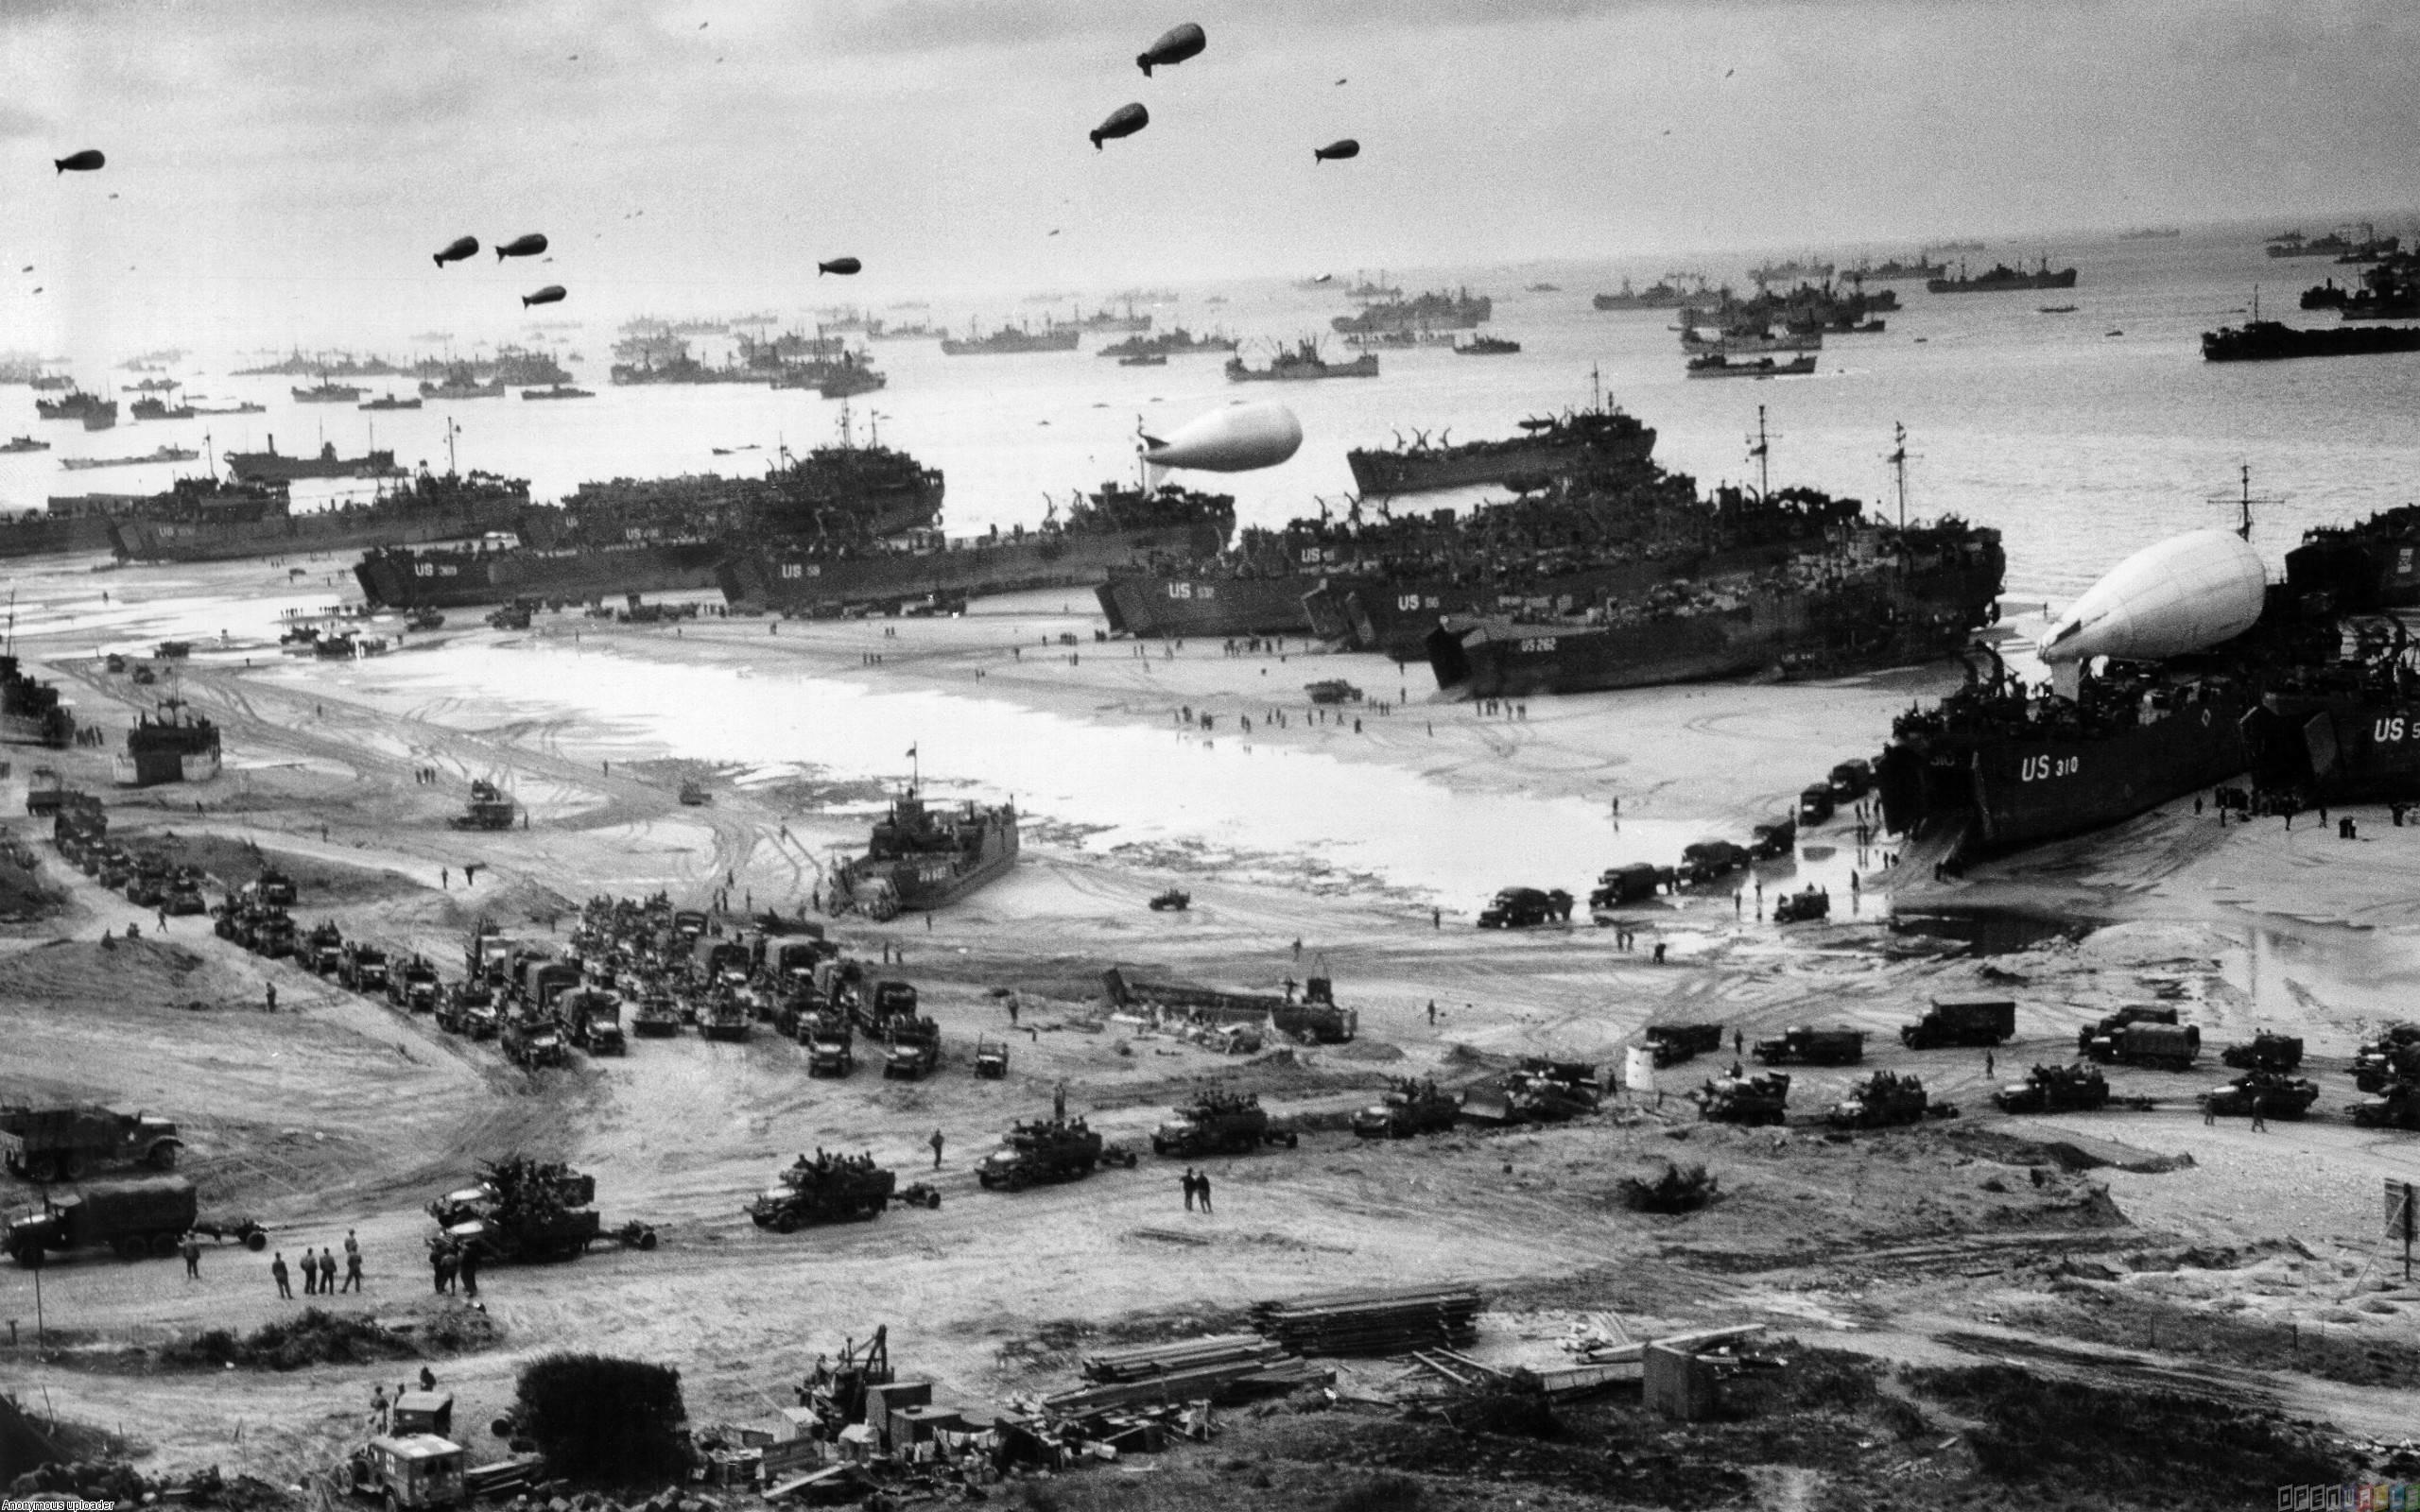 World war ii 6801 Wallpaper | Hot HD Wallpaper